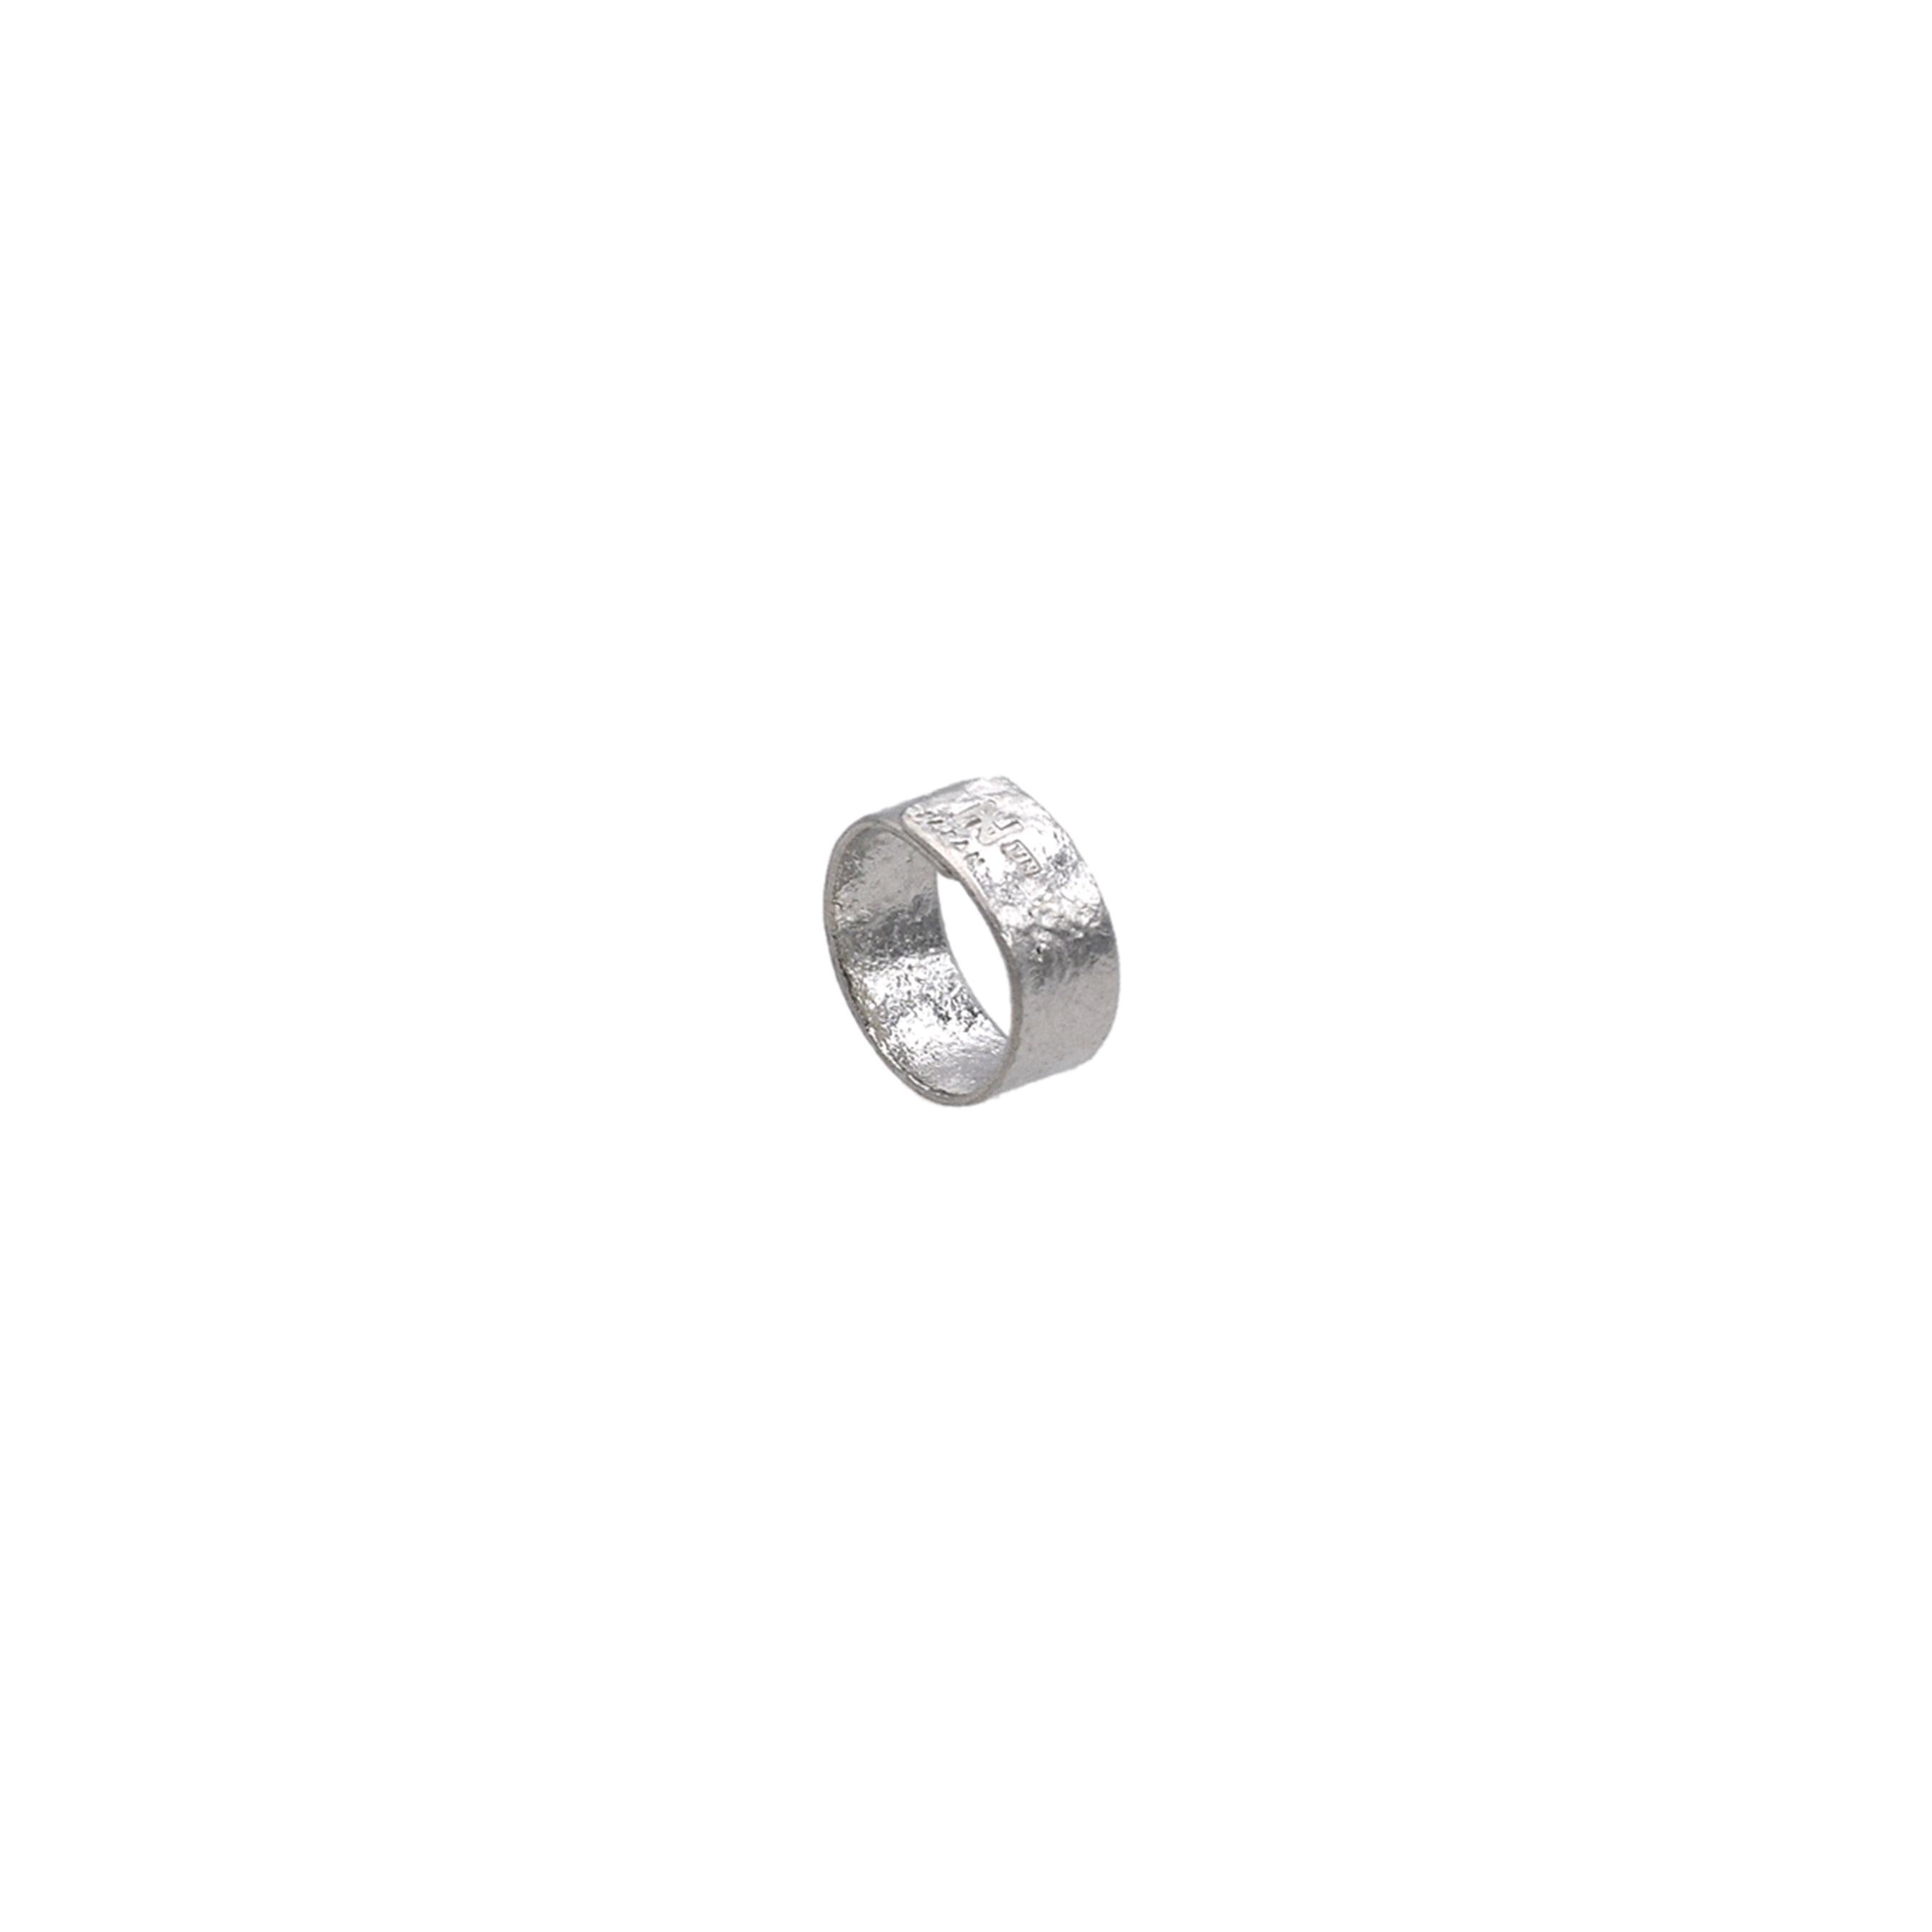 《リング》TIN BREATH Ring 10×80 mm